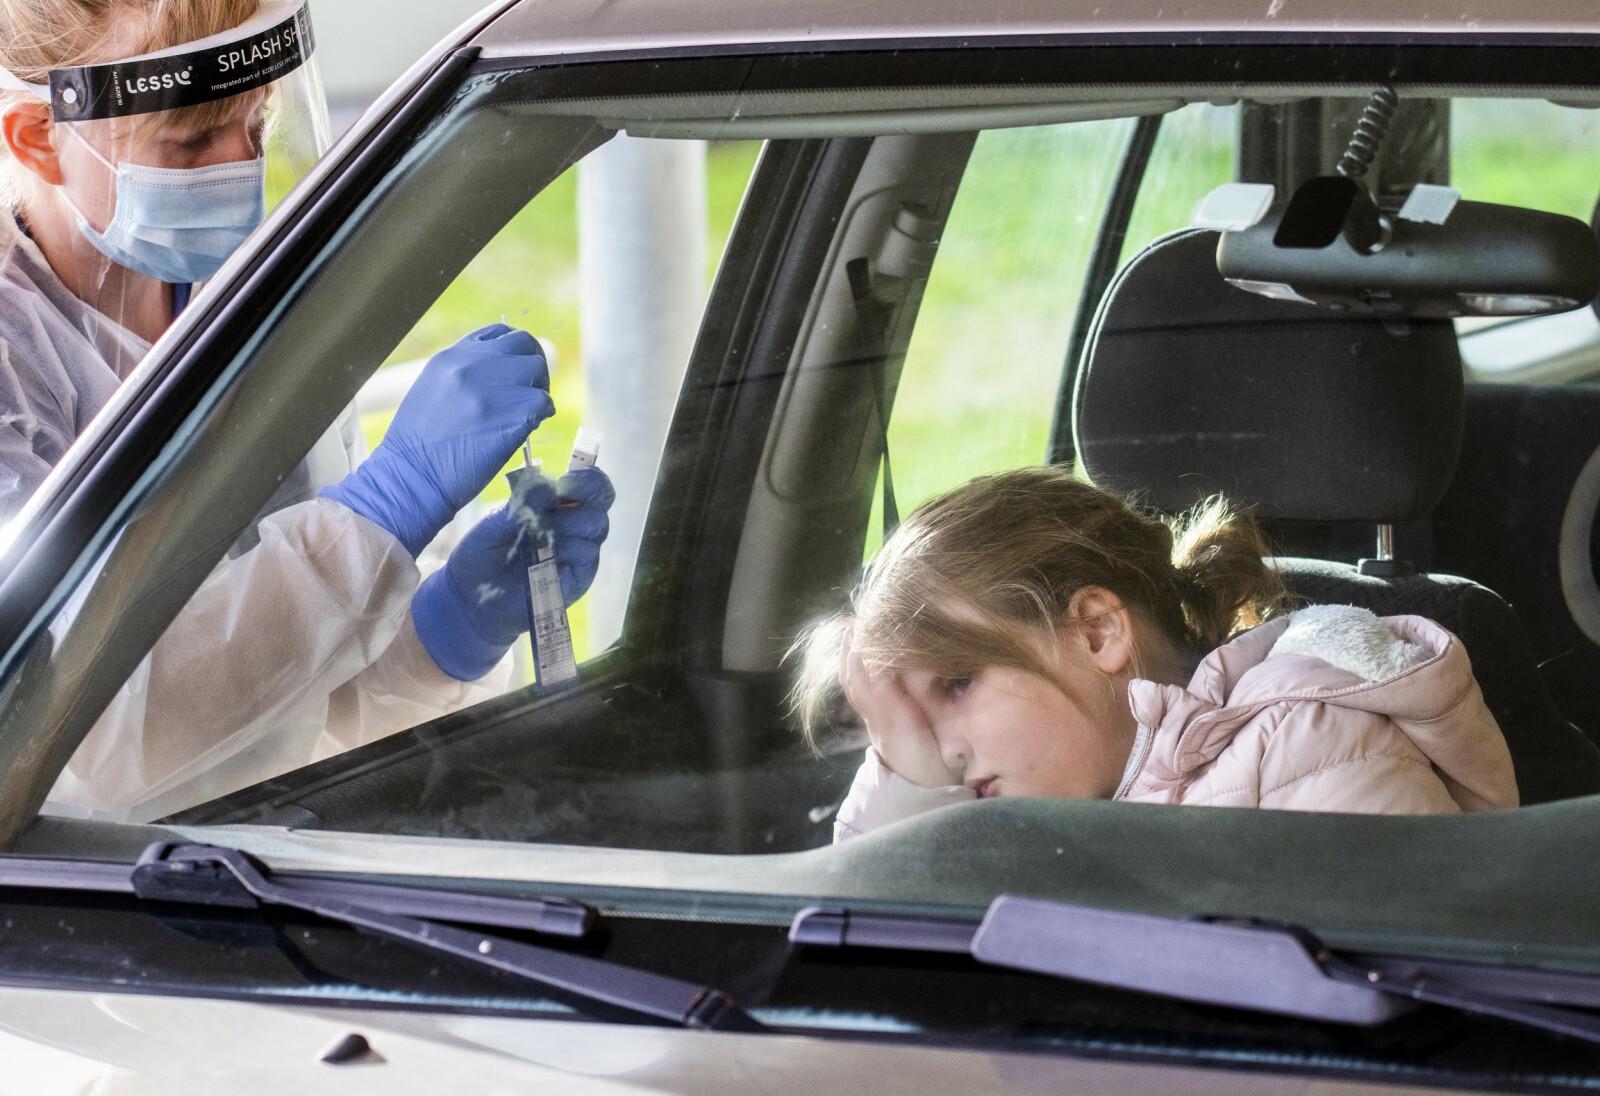 FREYJA TESTES: En lærer varslet de 16 elevene i 4. klasse på Ballstad skole om egen smitte. Freyja Rist Aagaard (9) var en av elevene i testkø. Foto: Lars Eivind Bones / Dagbladet.